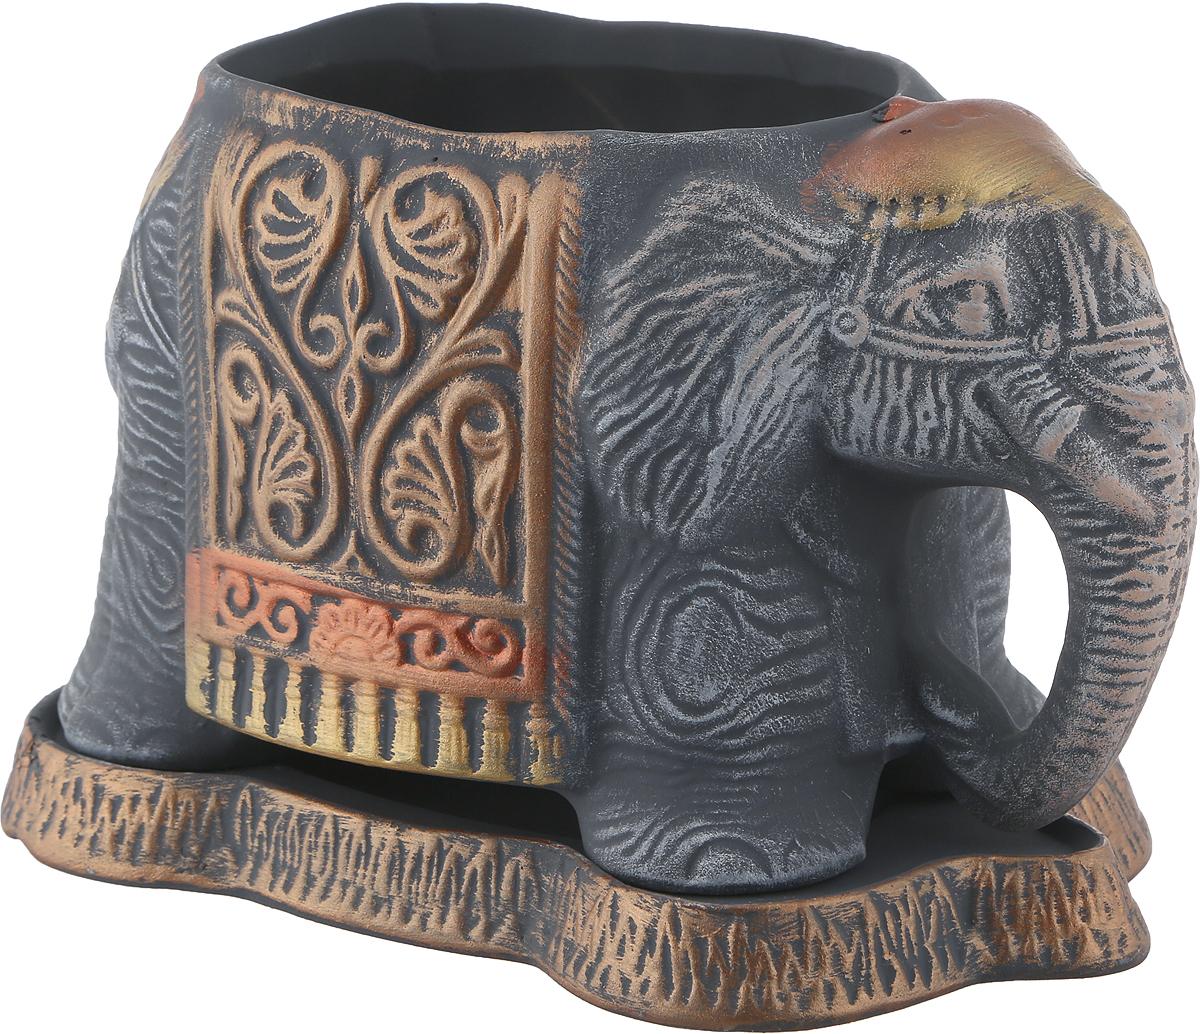 Кашпо Керамика ручной работы Слоник, цвет: серый, золотой , 1,8 л ручной маслонагнетатель ёмкостью 16 л lubeworks 17211008